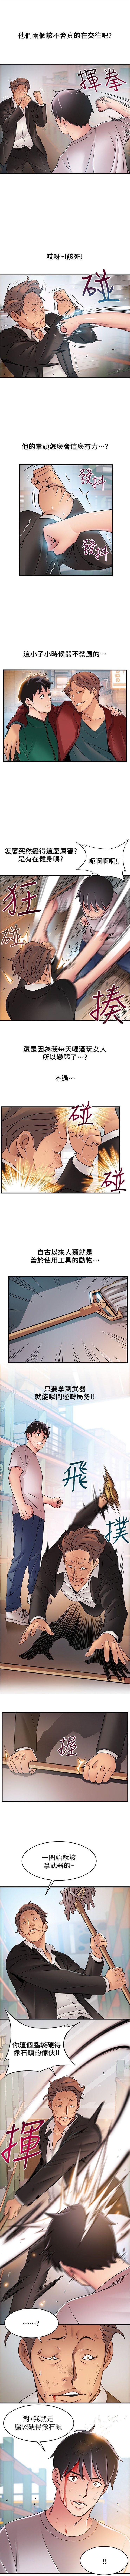 弱点 1-64 中文翻译(更新中) 176